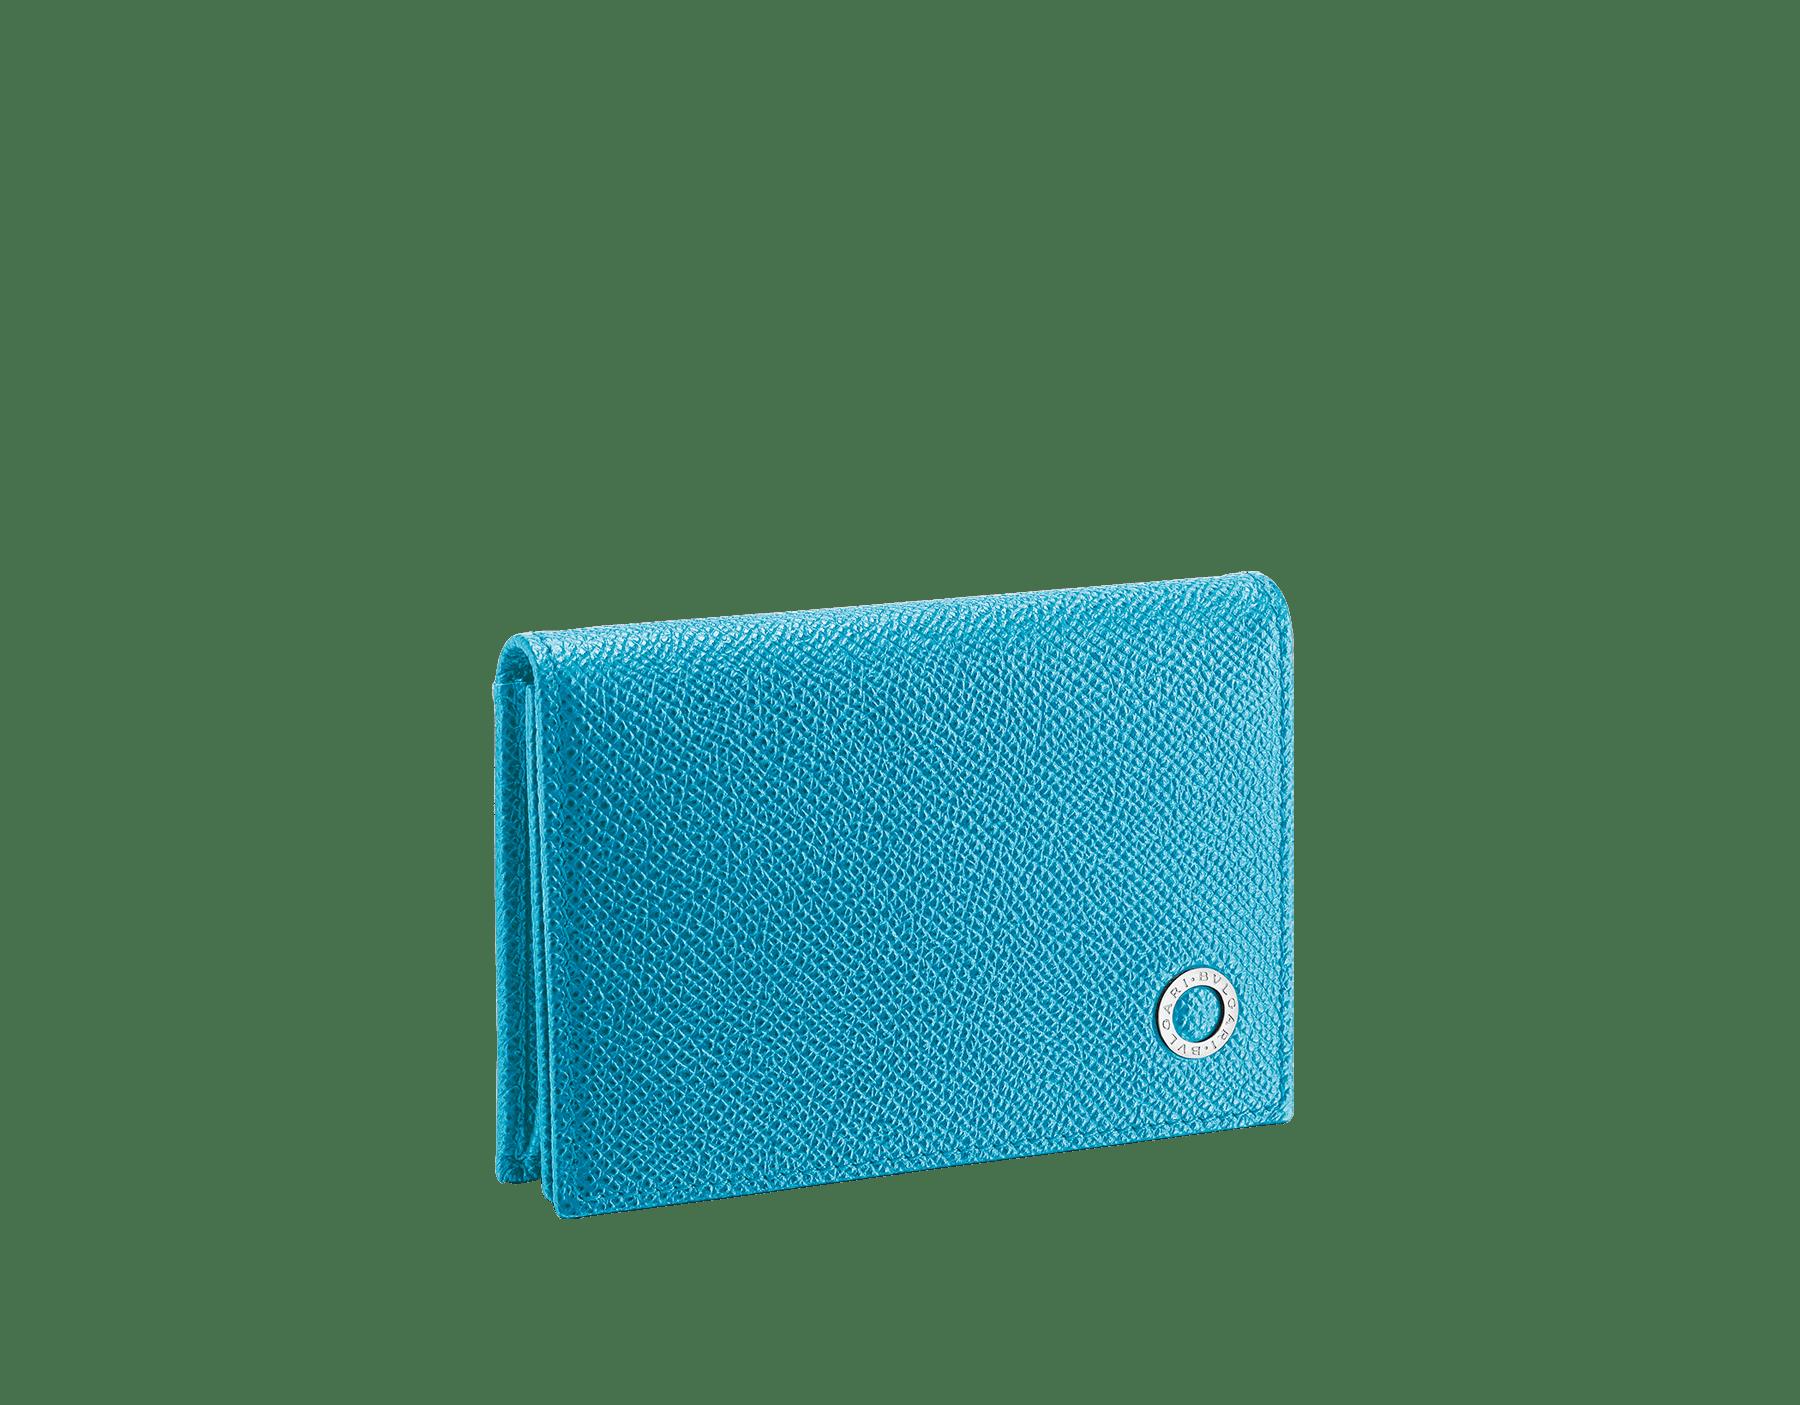 Tarjetero para tarjetas de visita BVLGARI BVLGARI en piel de becerro granulada color turquesa de Capri y zafiro real, y motivo con logotipo en latón bañado en paladio. 290057 image 1